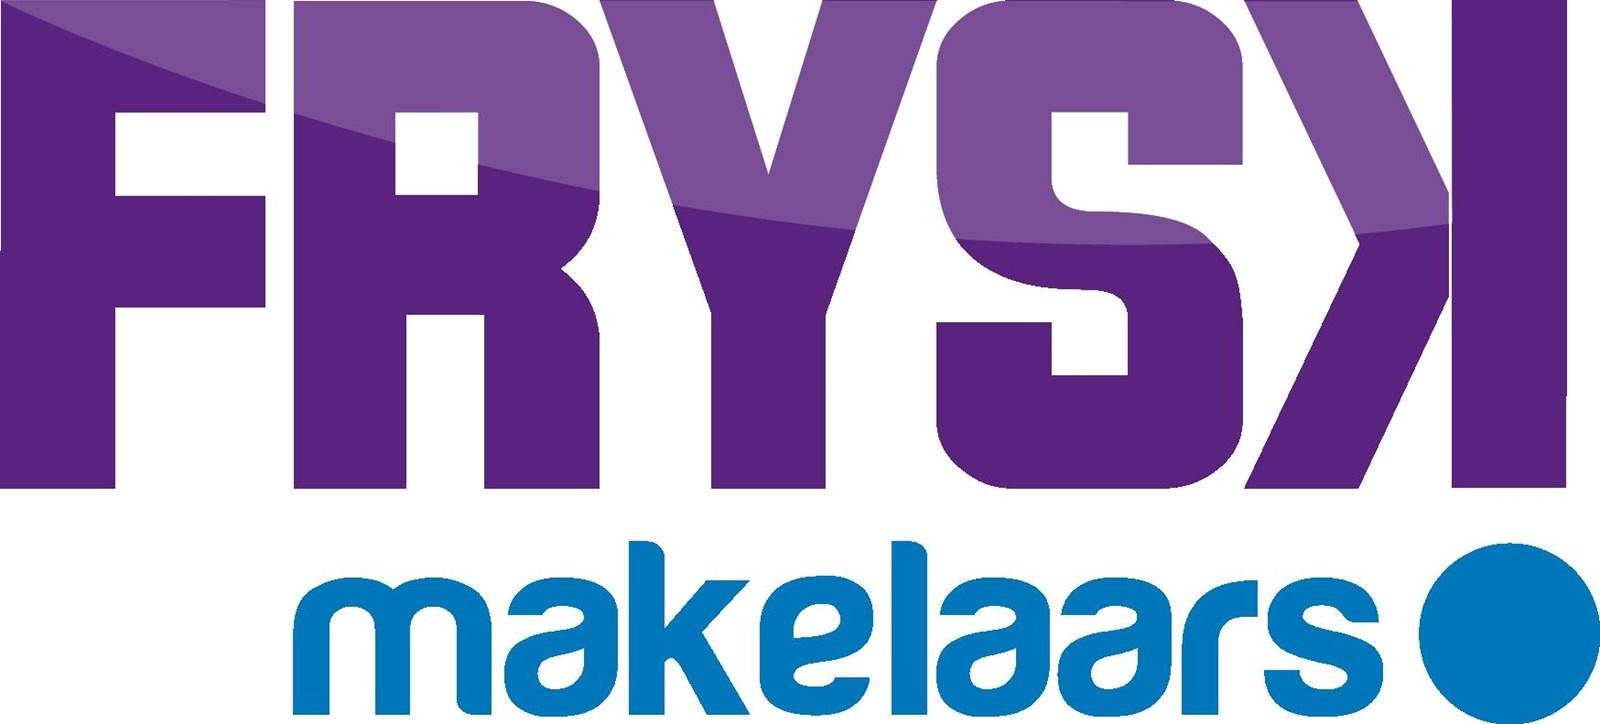 FRYSK Makelaars Heerenveen